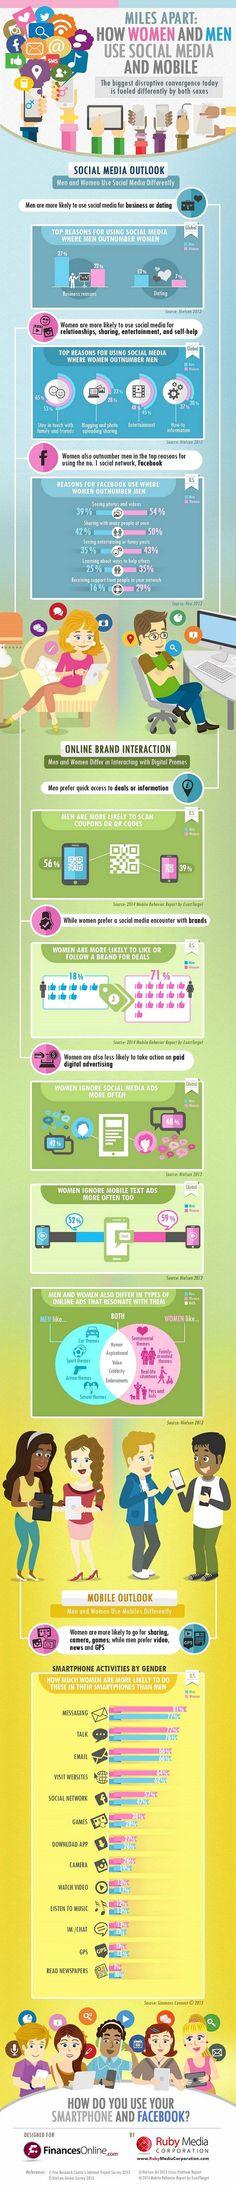 Como usan los hombres y mujeres el móvil y las redes sociales #Infografías, Redes Sociales